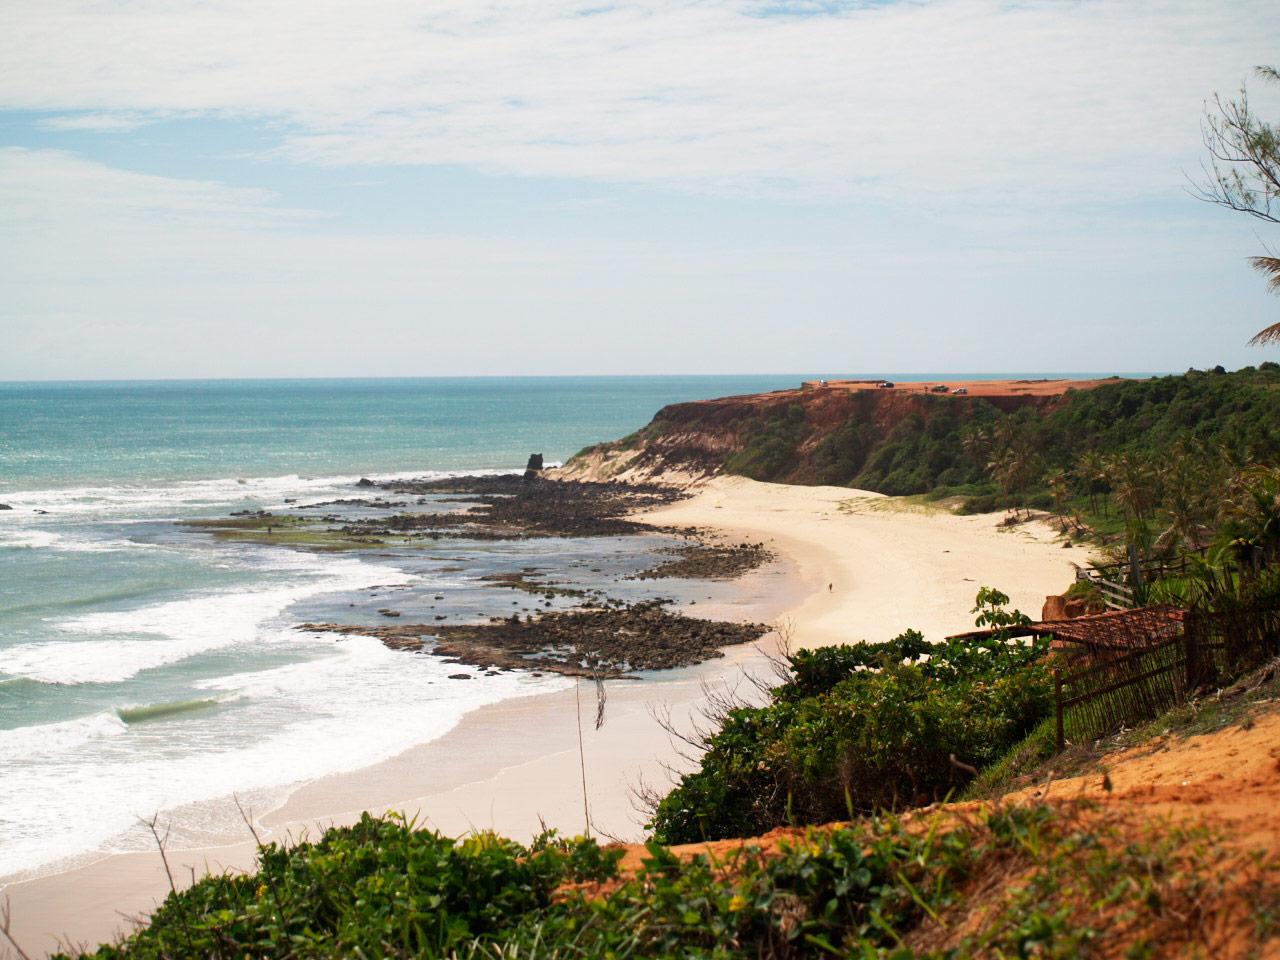 praia-da-pipa-rio-grande-do-norte-brasil-3